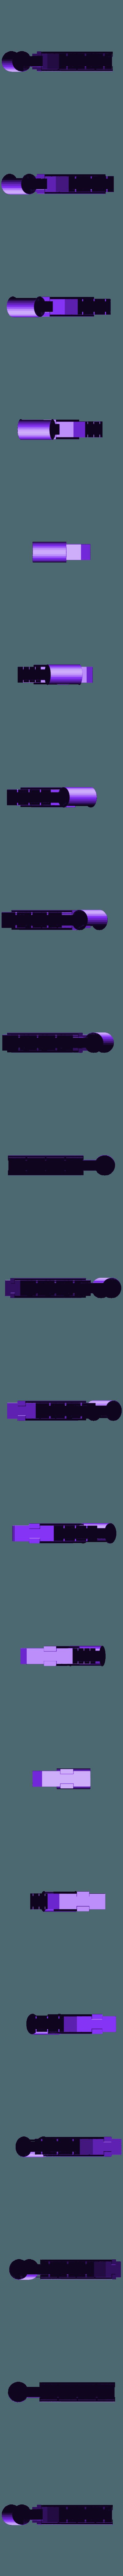 Finalized_Door.stl Télécharger fichier STL GeneriTiles - Topset de table RPG • Modèle pour imprimante 3D, daandruff